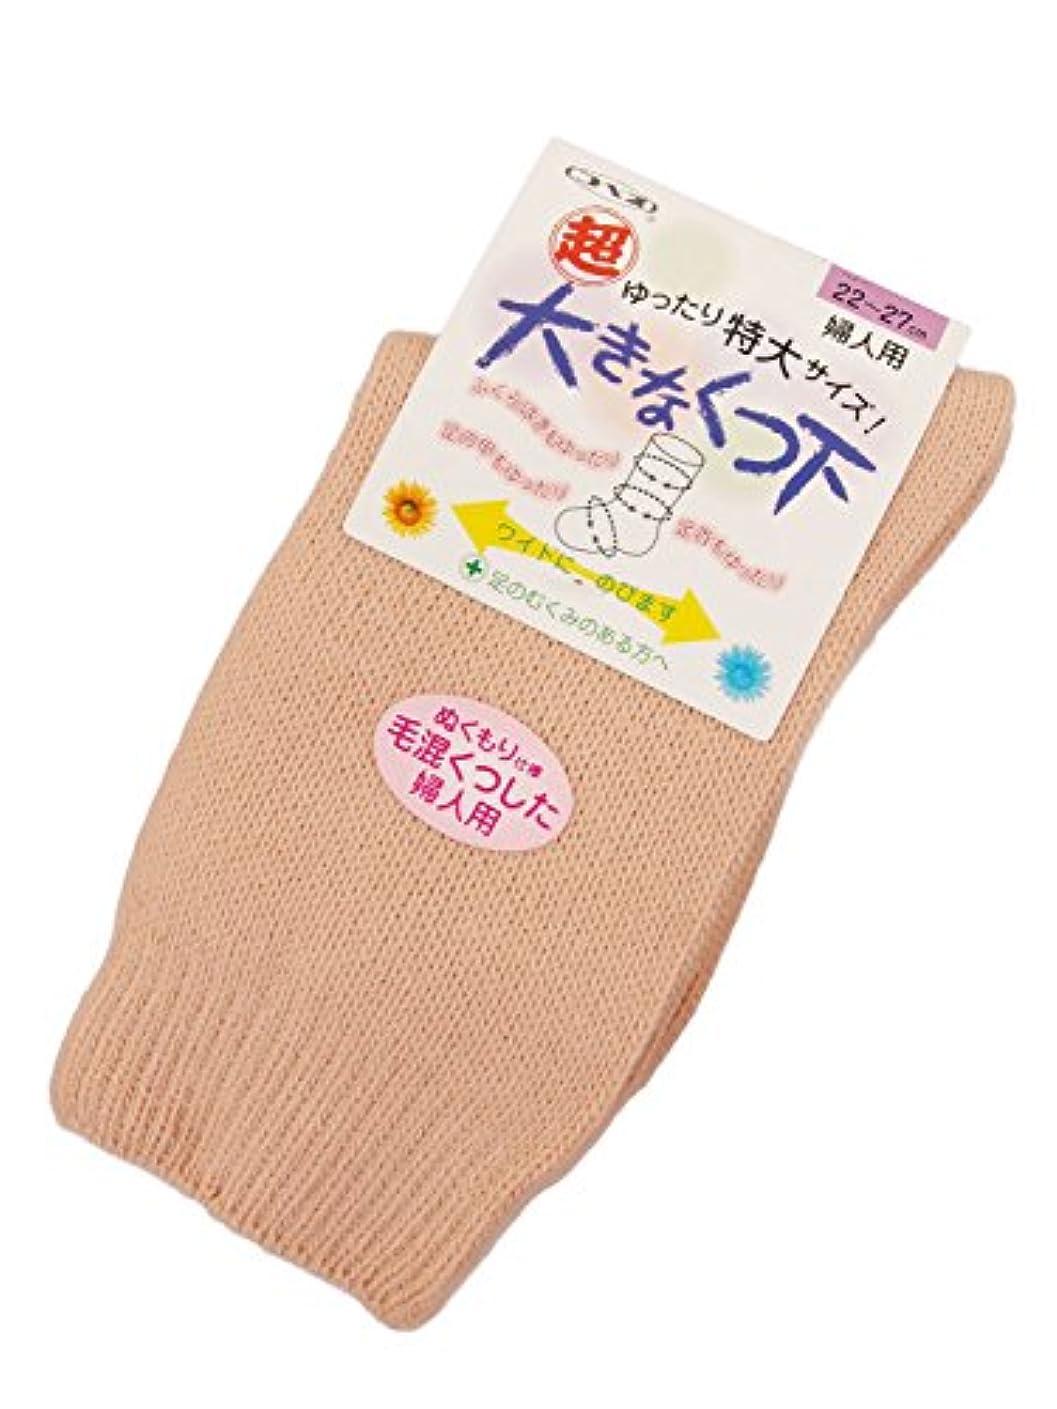 汚染するオート免除する神戸生絲 婦人超ゆったり特大サイズ大きなくつ下毛混 ピンク 22-27cm